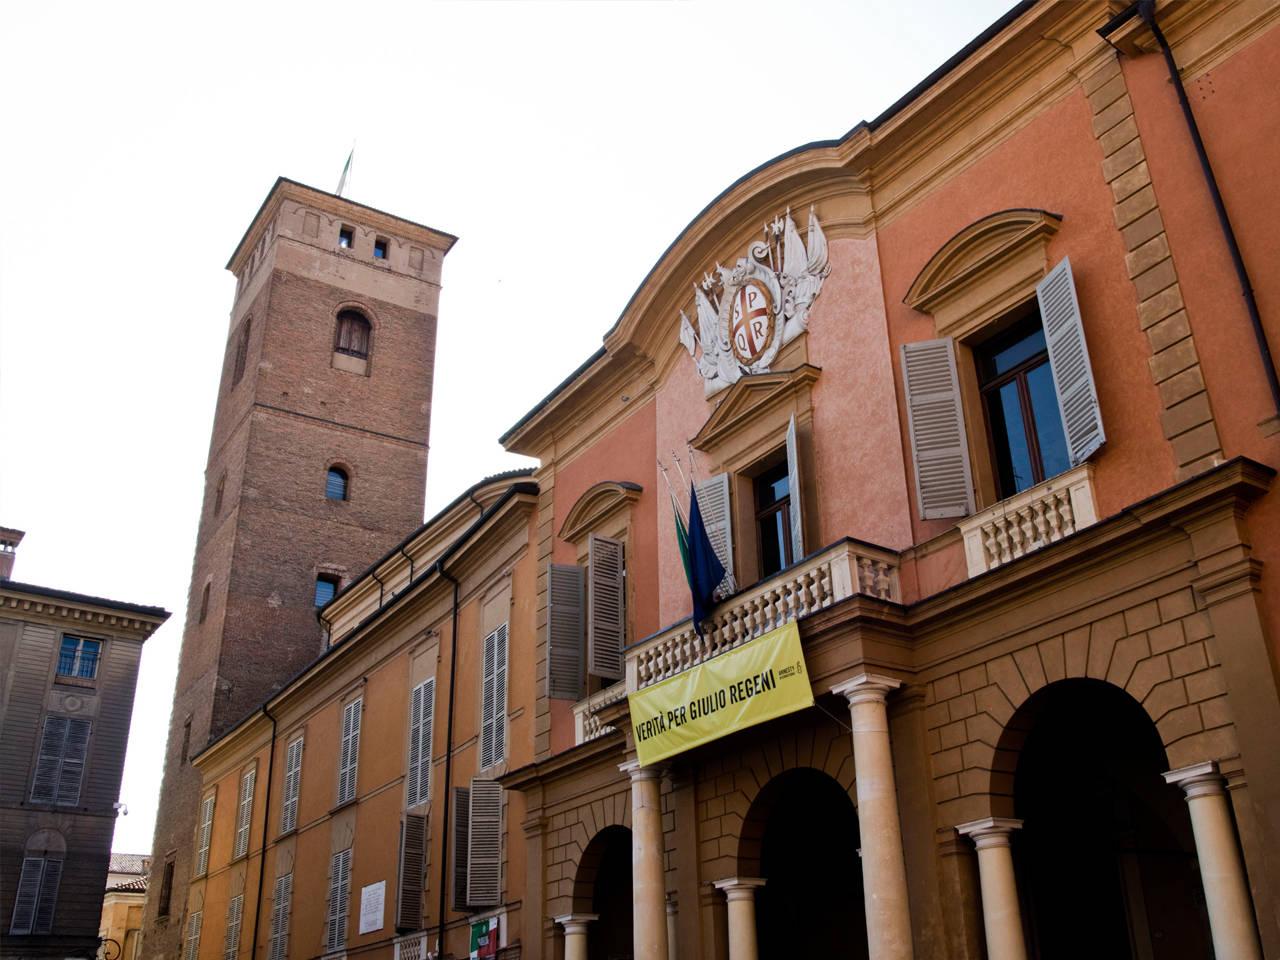 Municipio di Reggio Emilia - Sala del Tricolore e Torre del Bordello